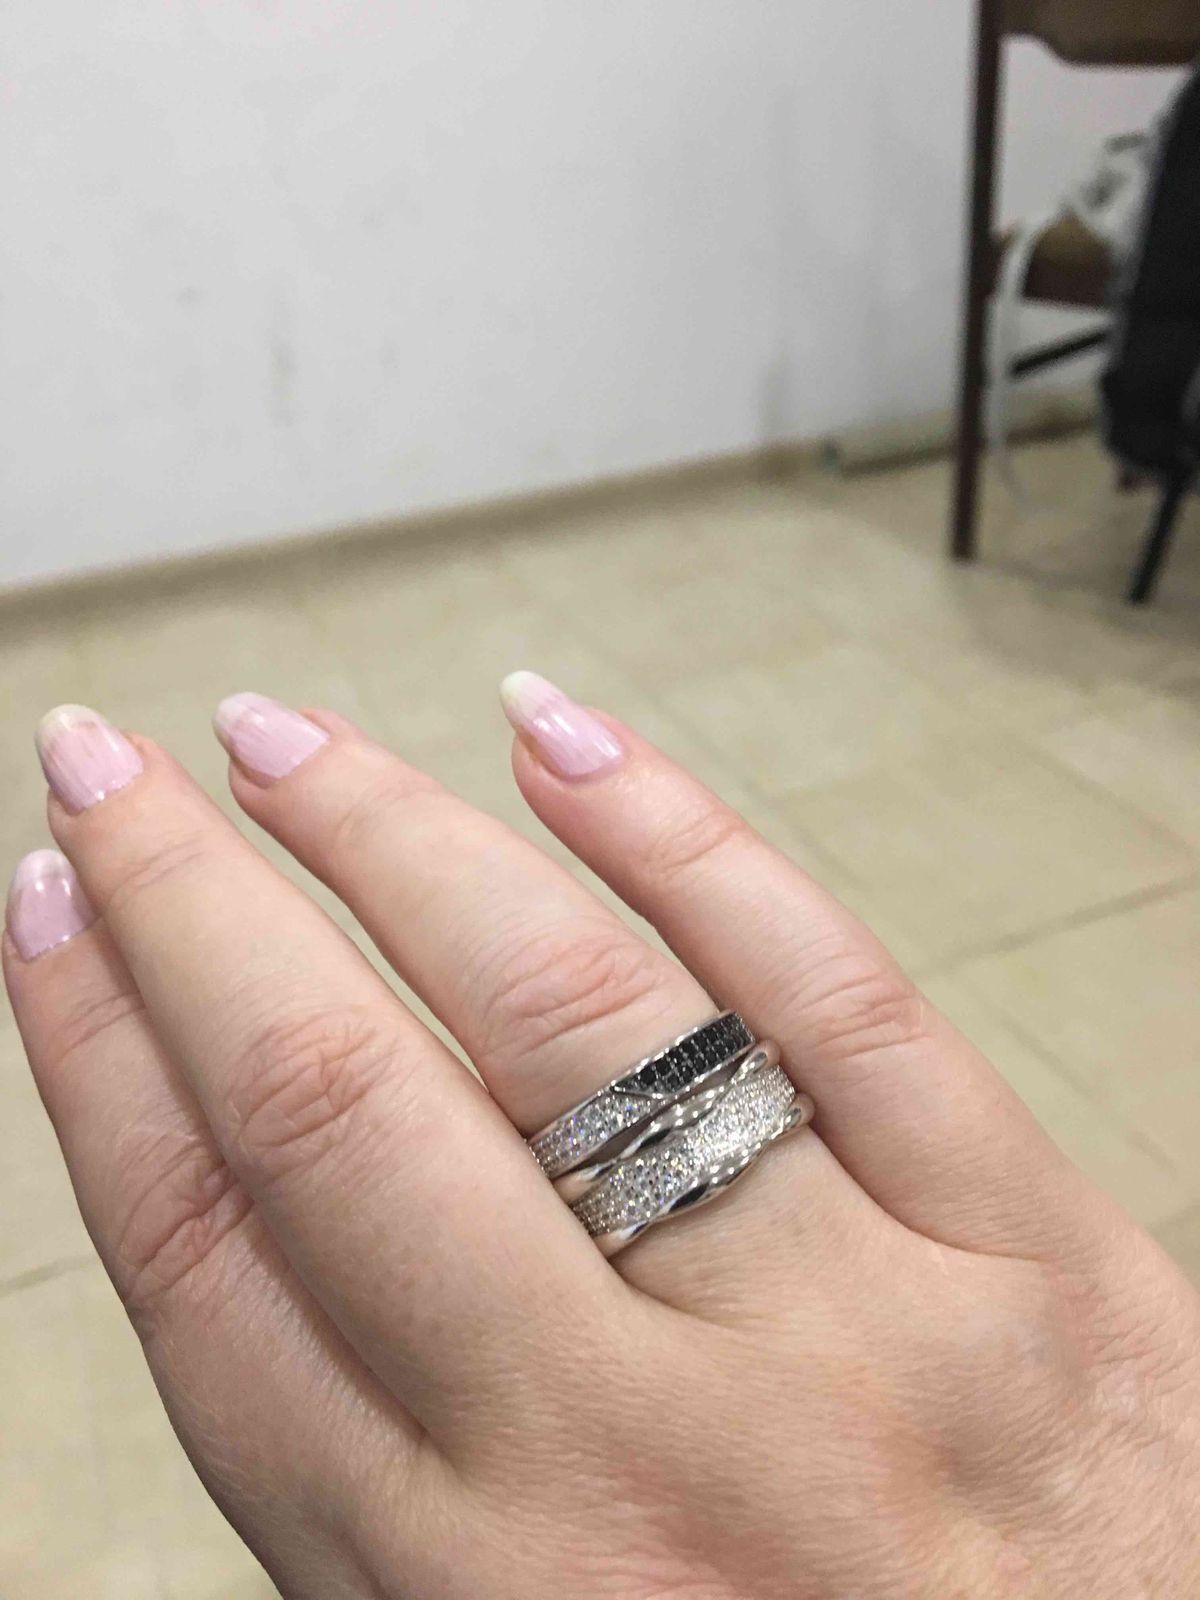 Отличное кольцо за эти деньги